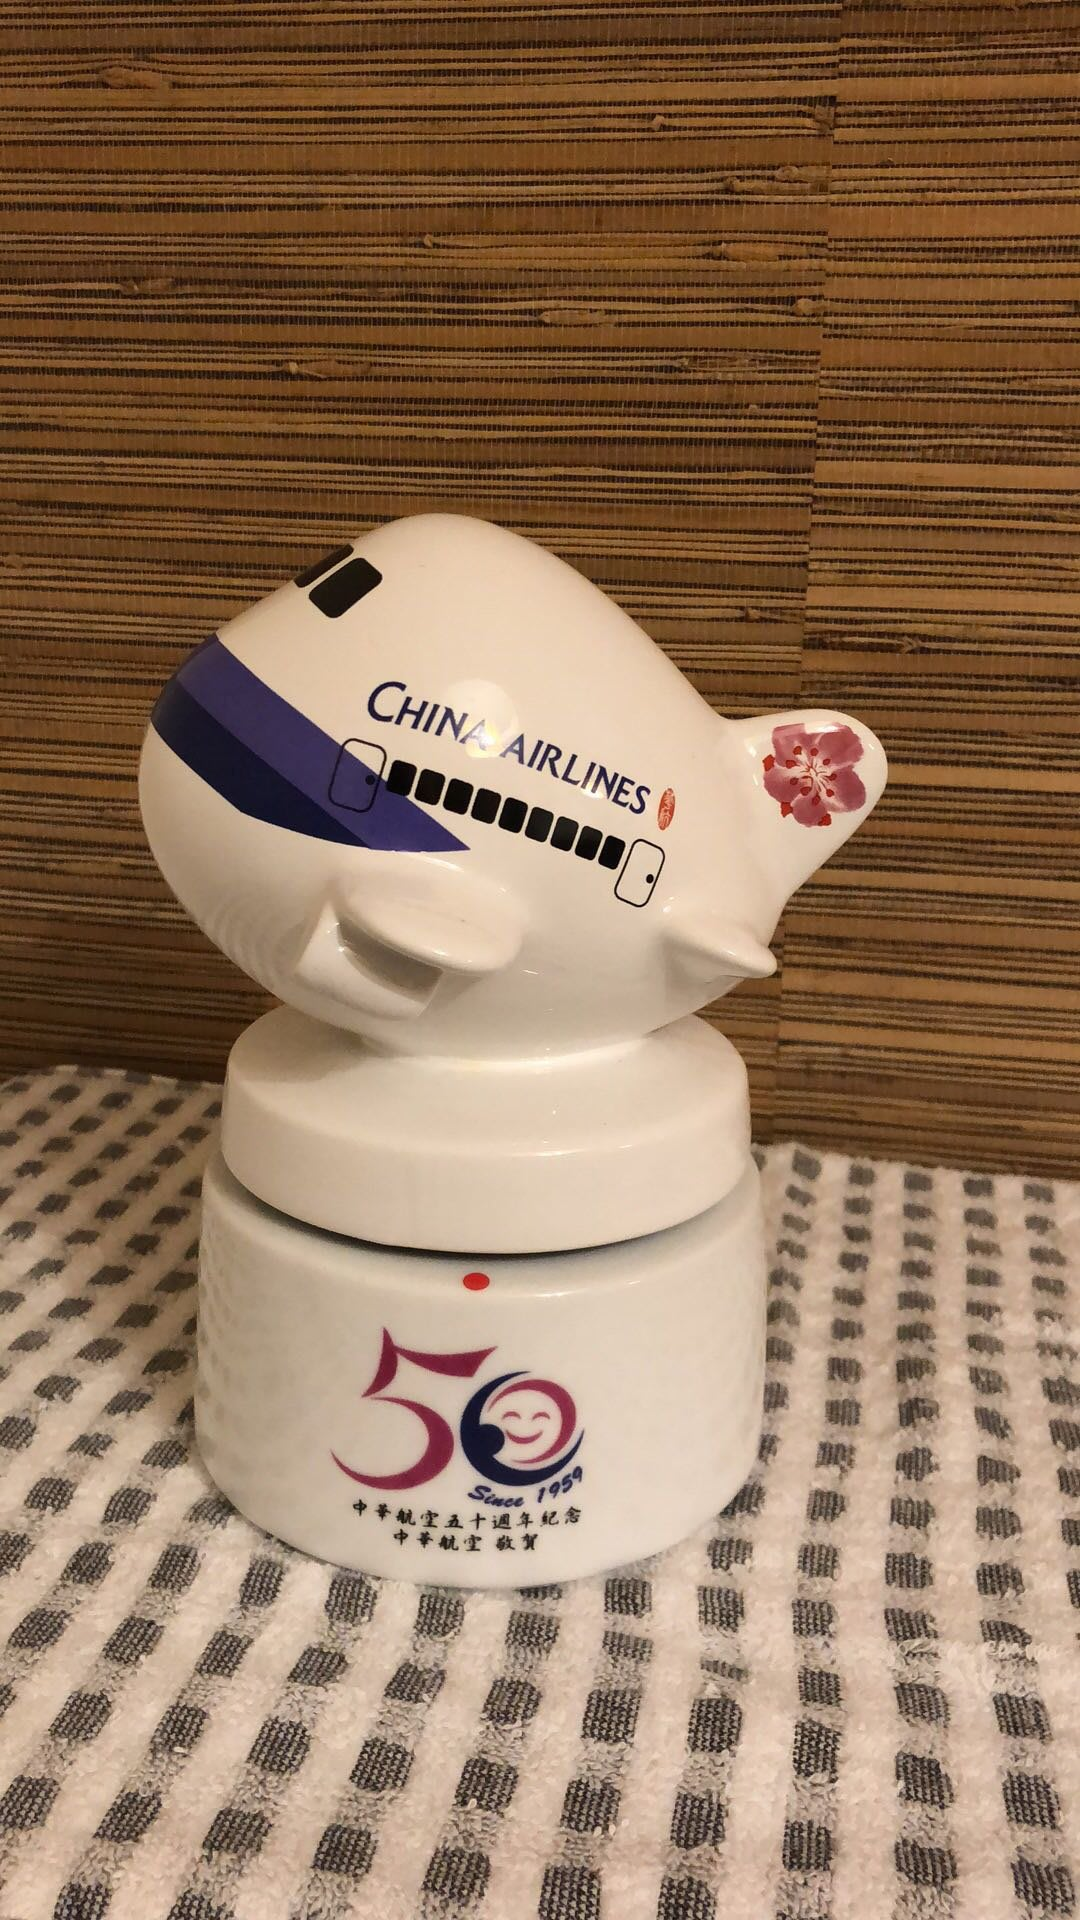 中華航空 華航 Q版 彩繪模型飛機酒空瓶 全新 飛機酒瓶